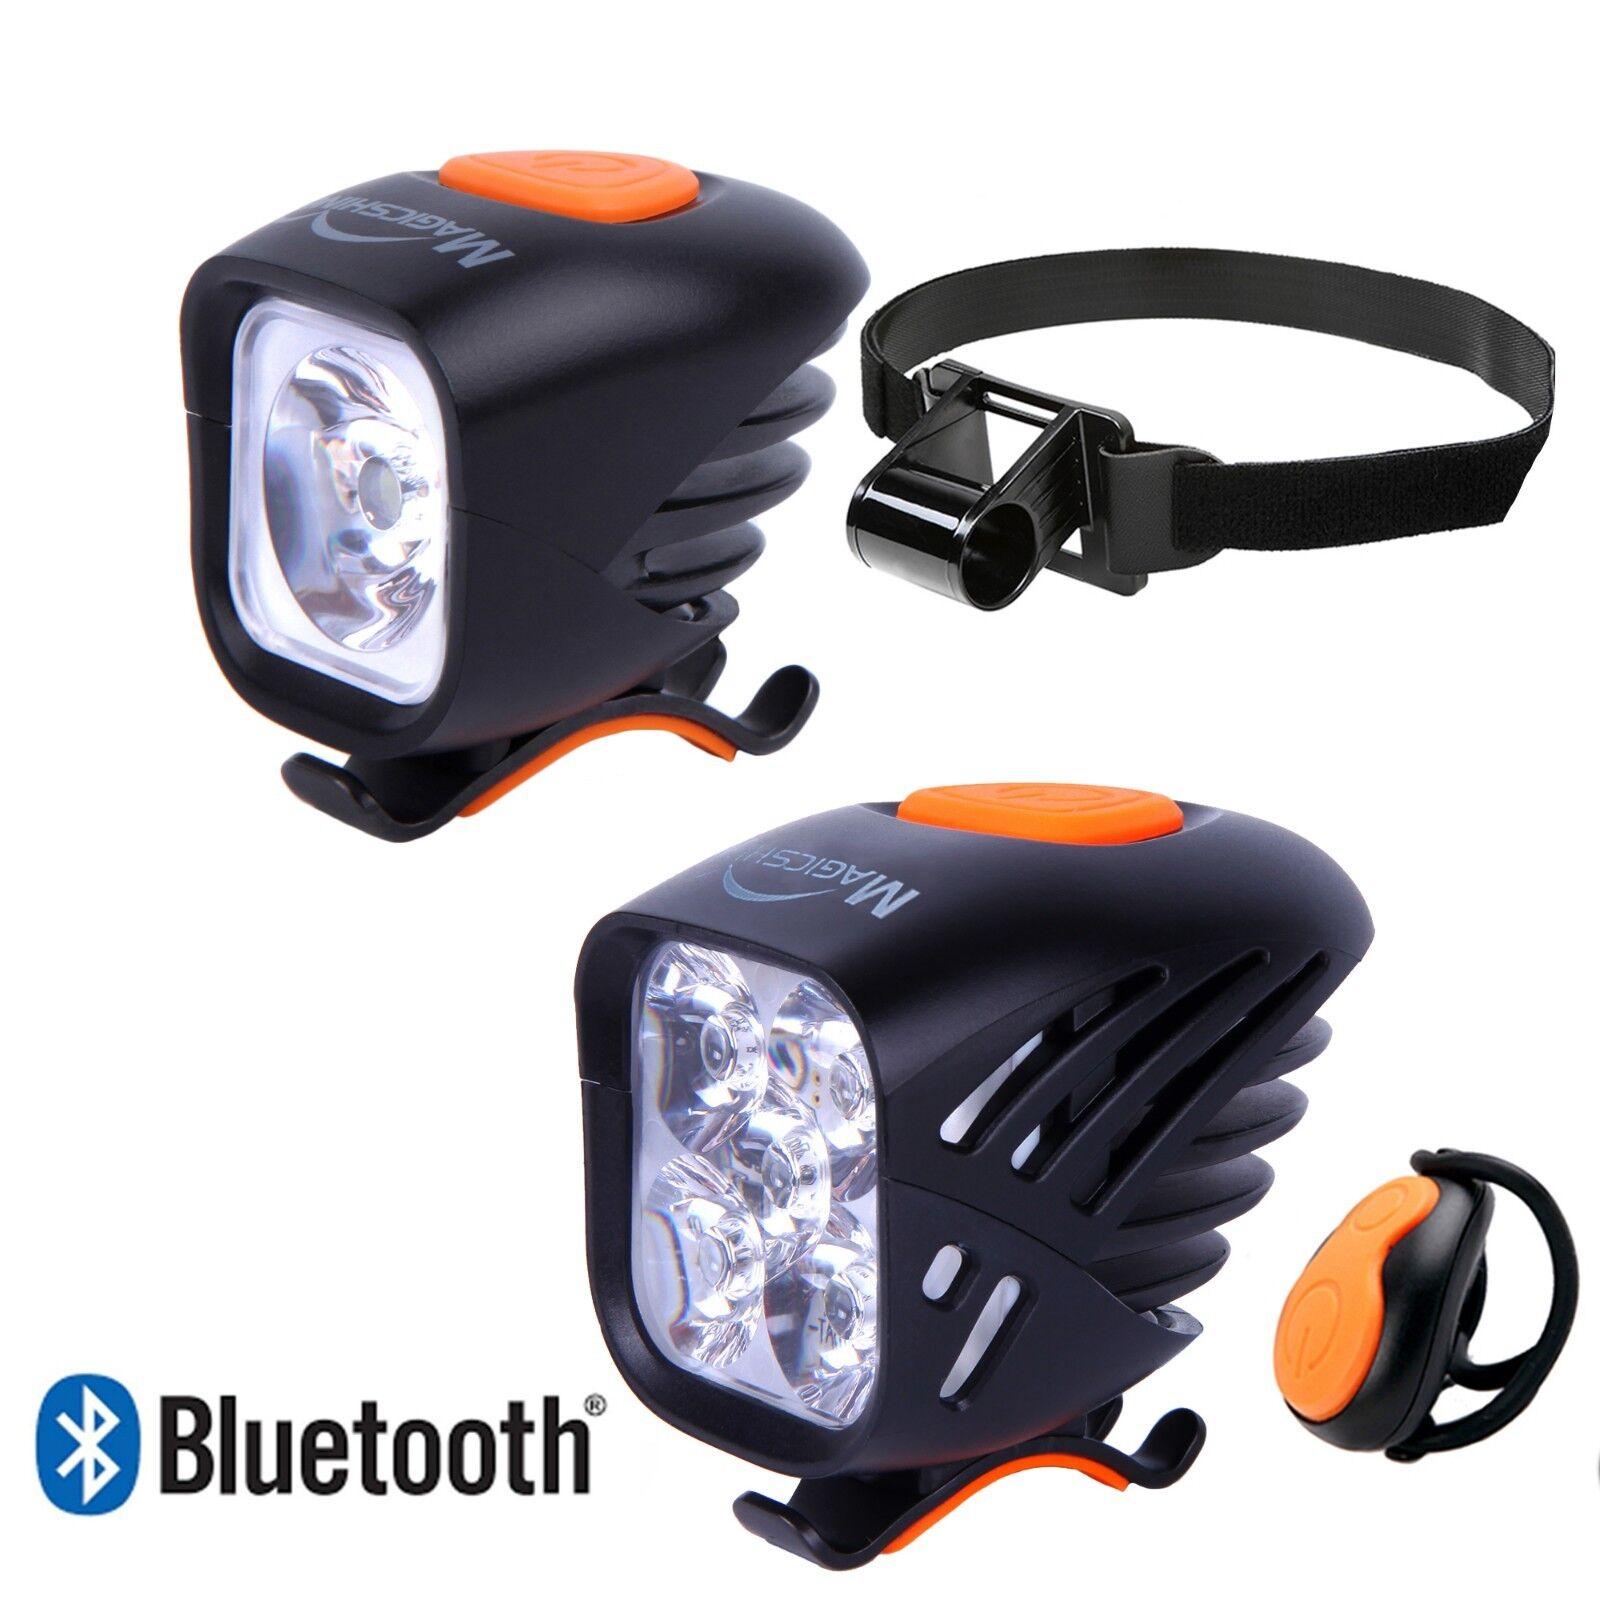 Magicshine Mountain Bike Lights blueeetooth Set MJ-900B MJ-906B